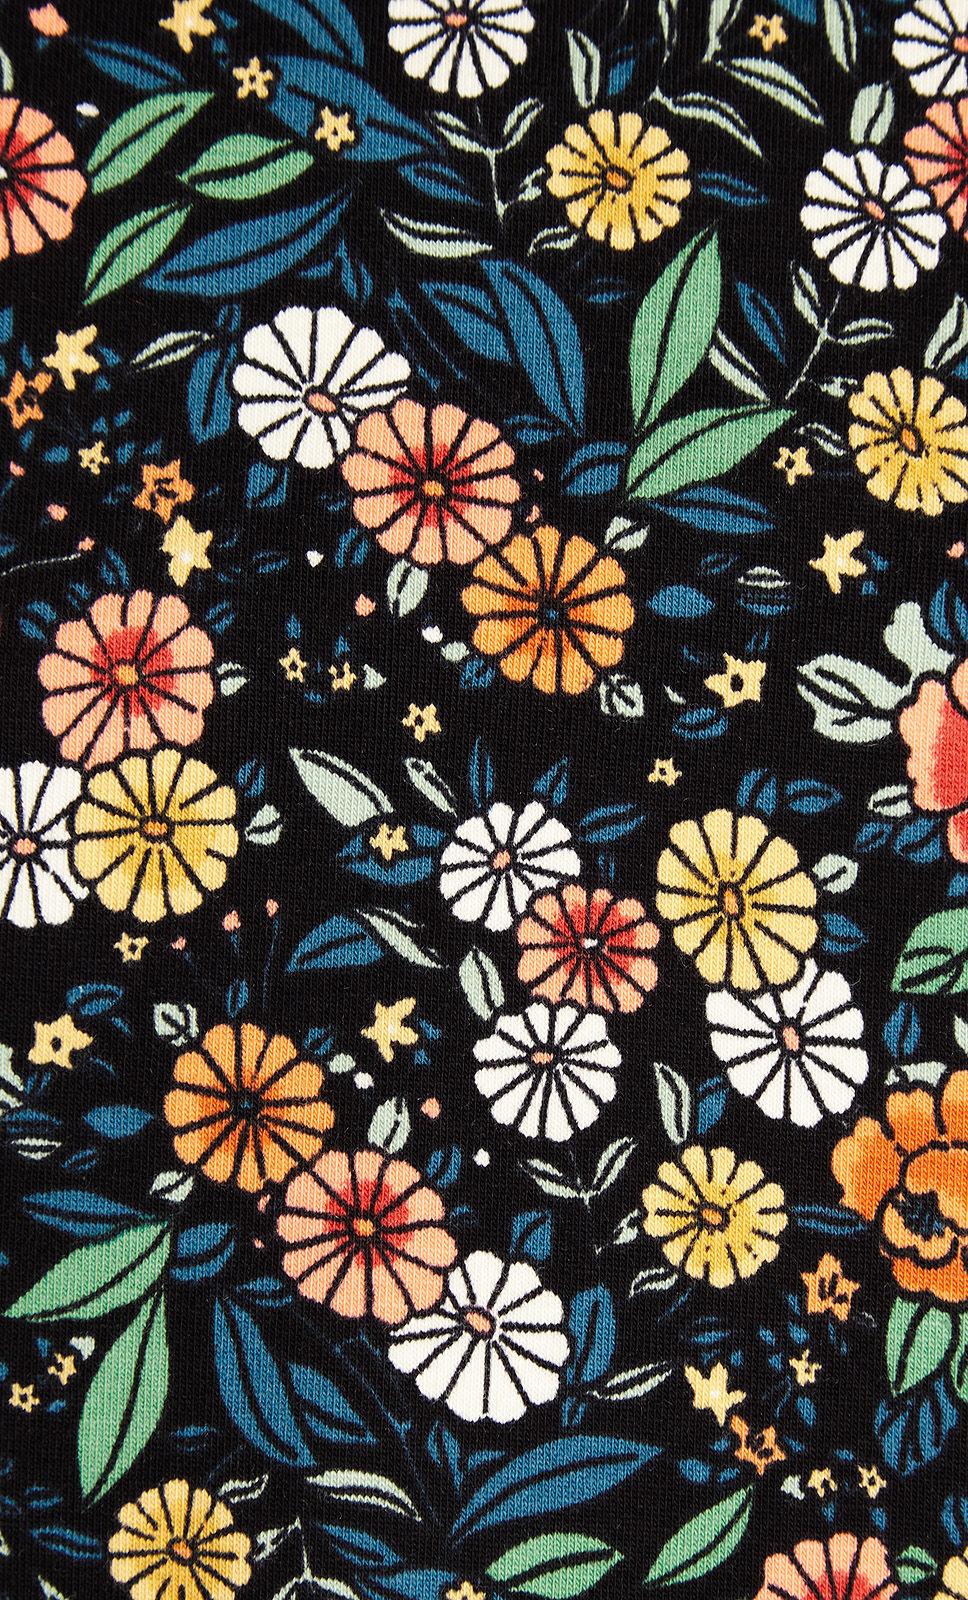 Flowerbed-Black